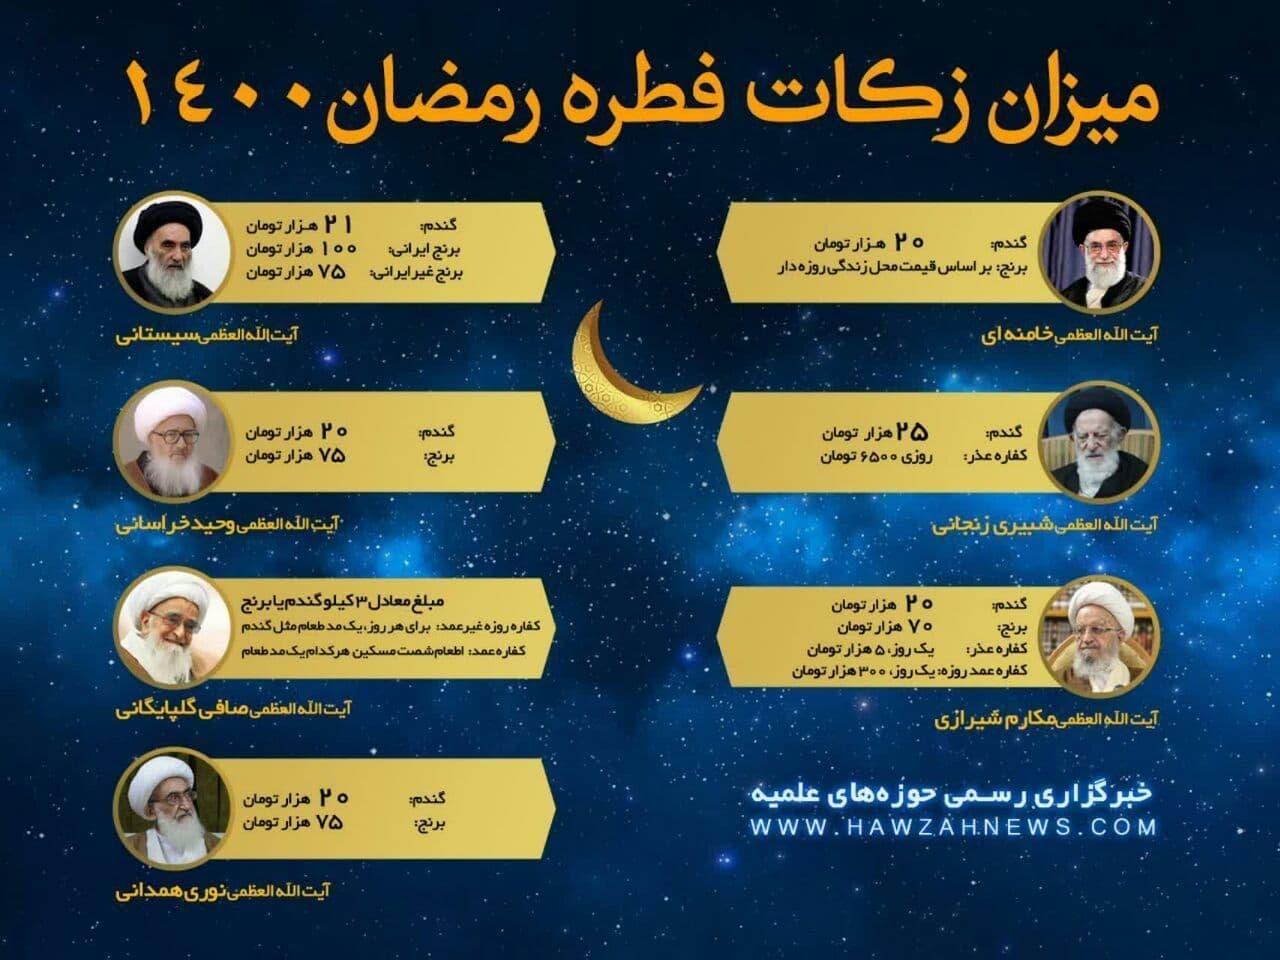 مبلغ فطریه رمضان ۱۴۰۰ | همه مراجع تقلید